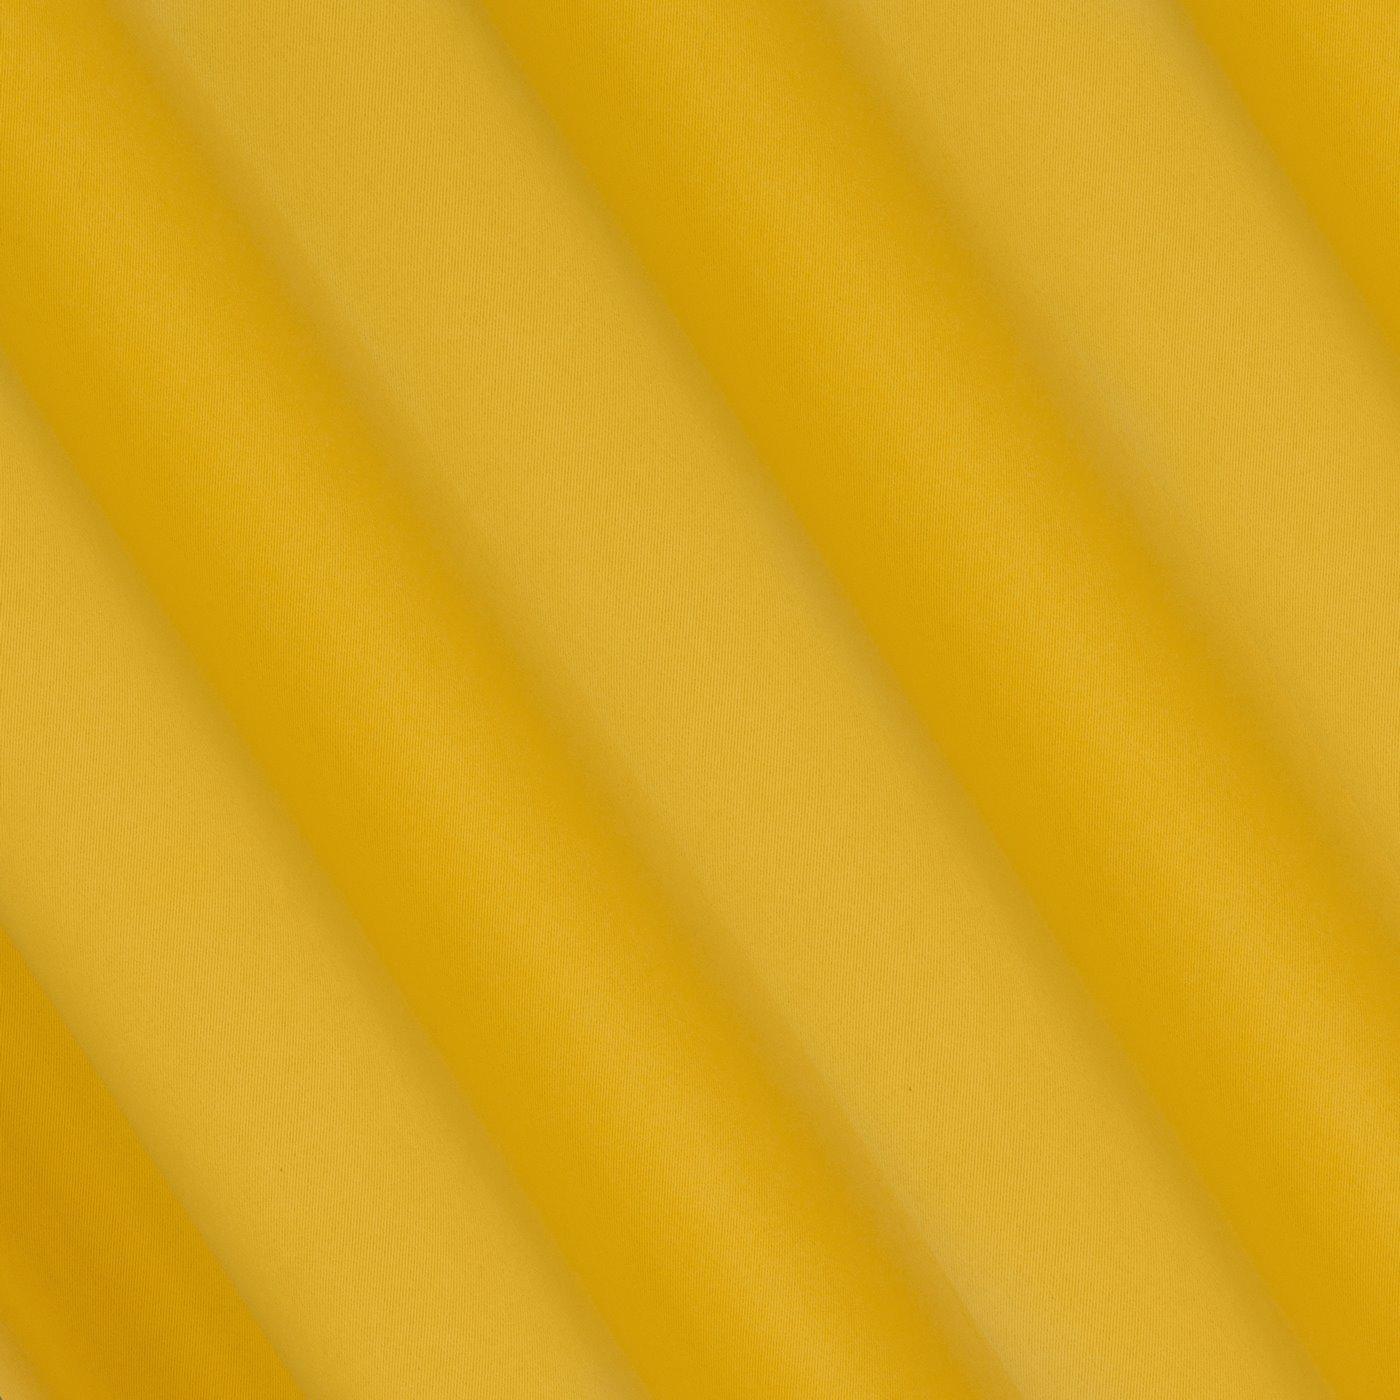 Musztardowa zasłona zaciemniająca 135x270 na taśmie